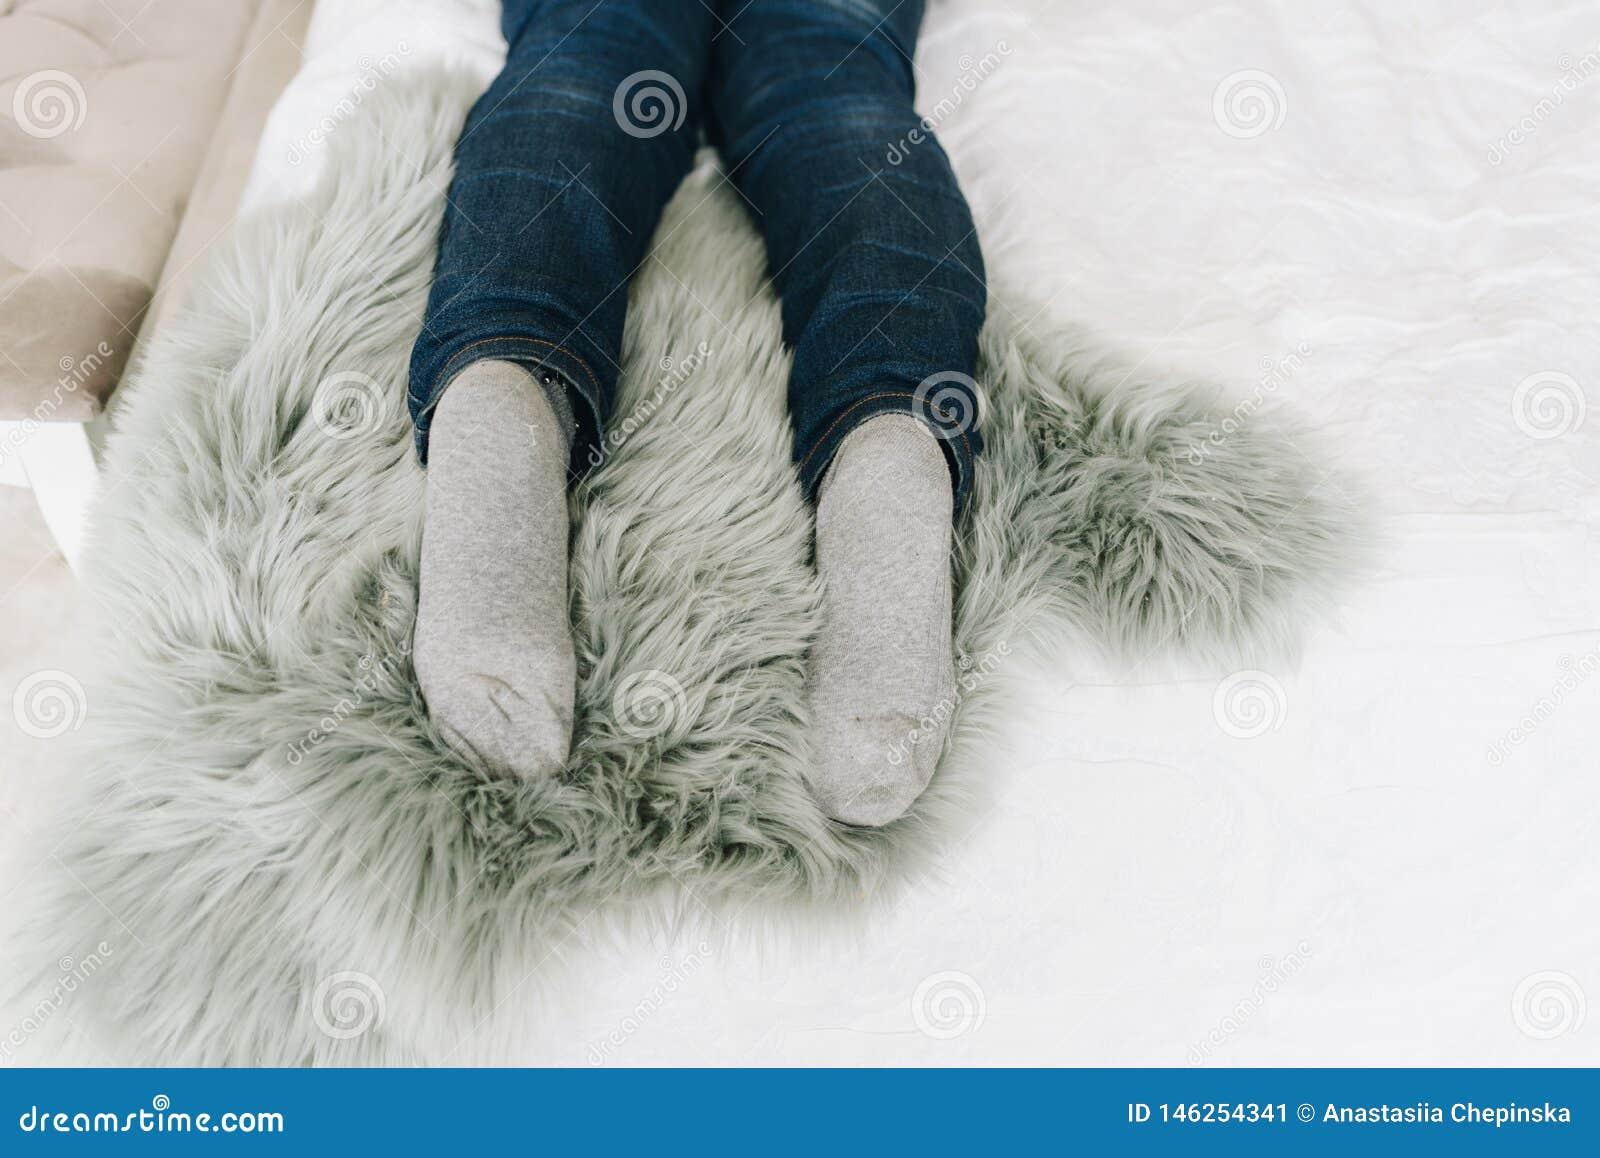 De voeten van de vrouw aangezien zij op bed ligt